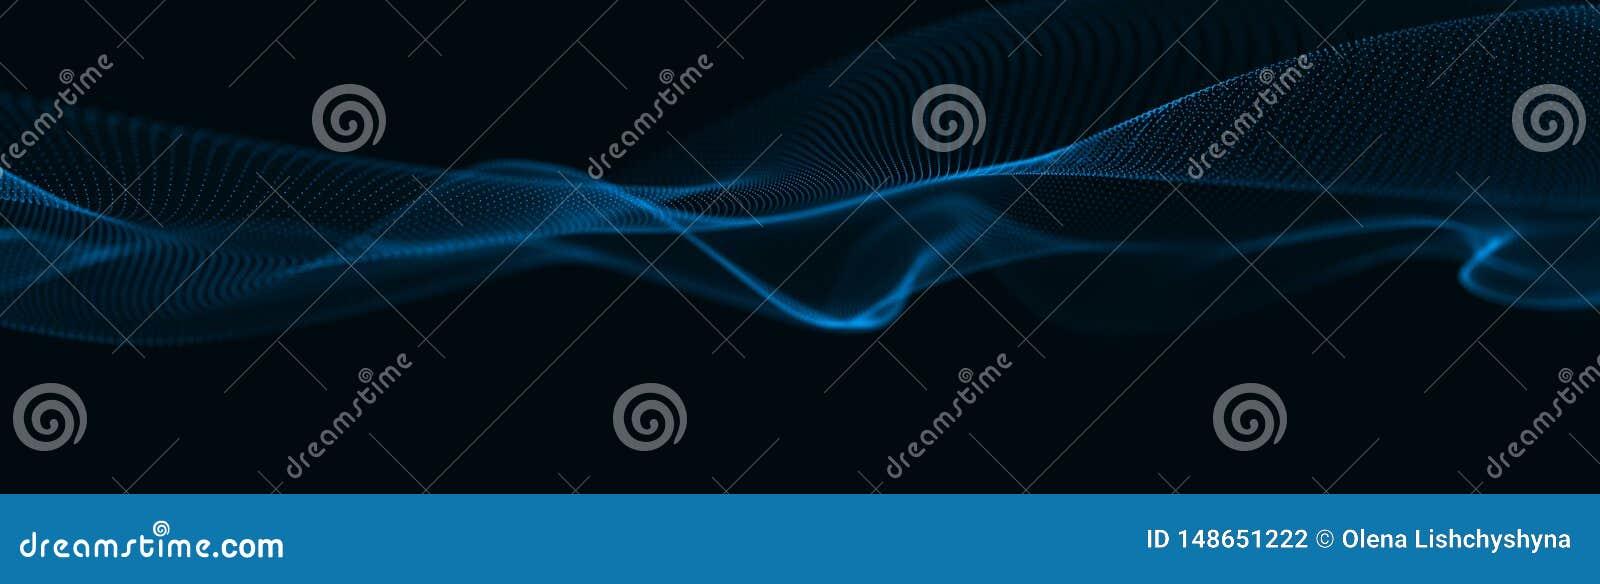 Muzikale golf van deeltjes Correcte structurele verbindingen Abstracte achtergrond met een golf van lichtgevende deeltjes 3d golf